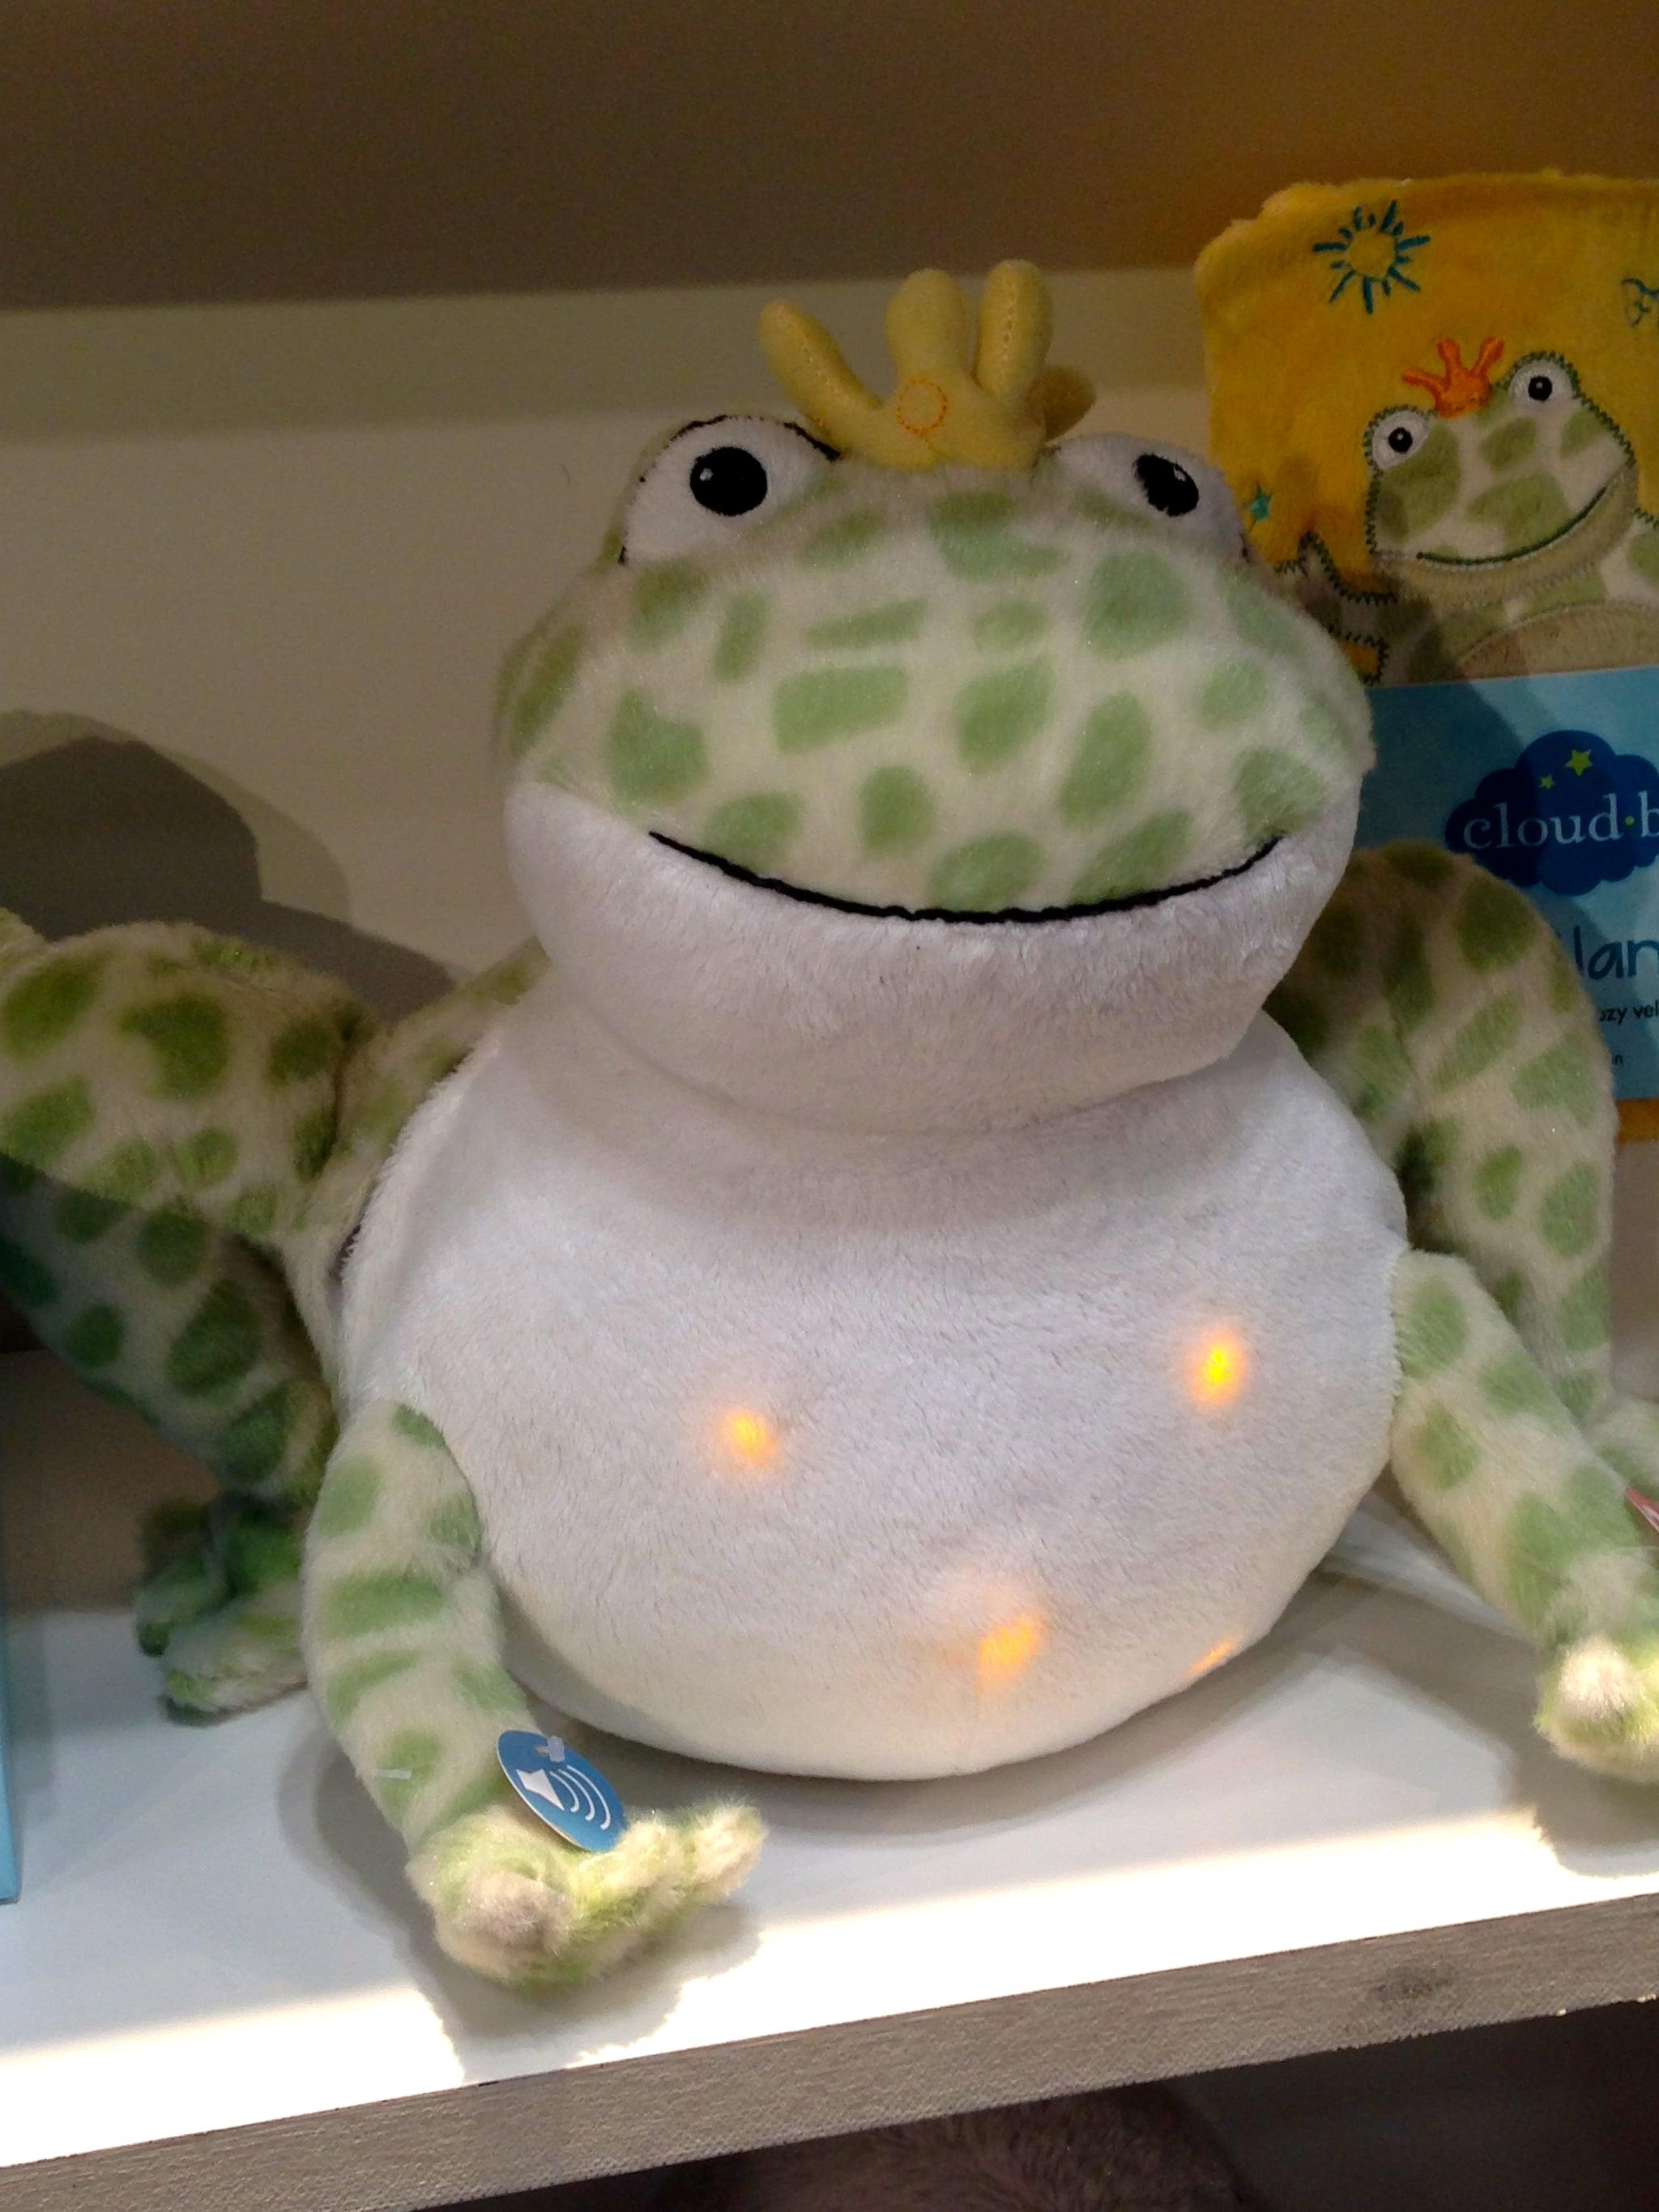 Cloud b. Frog Prince